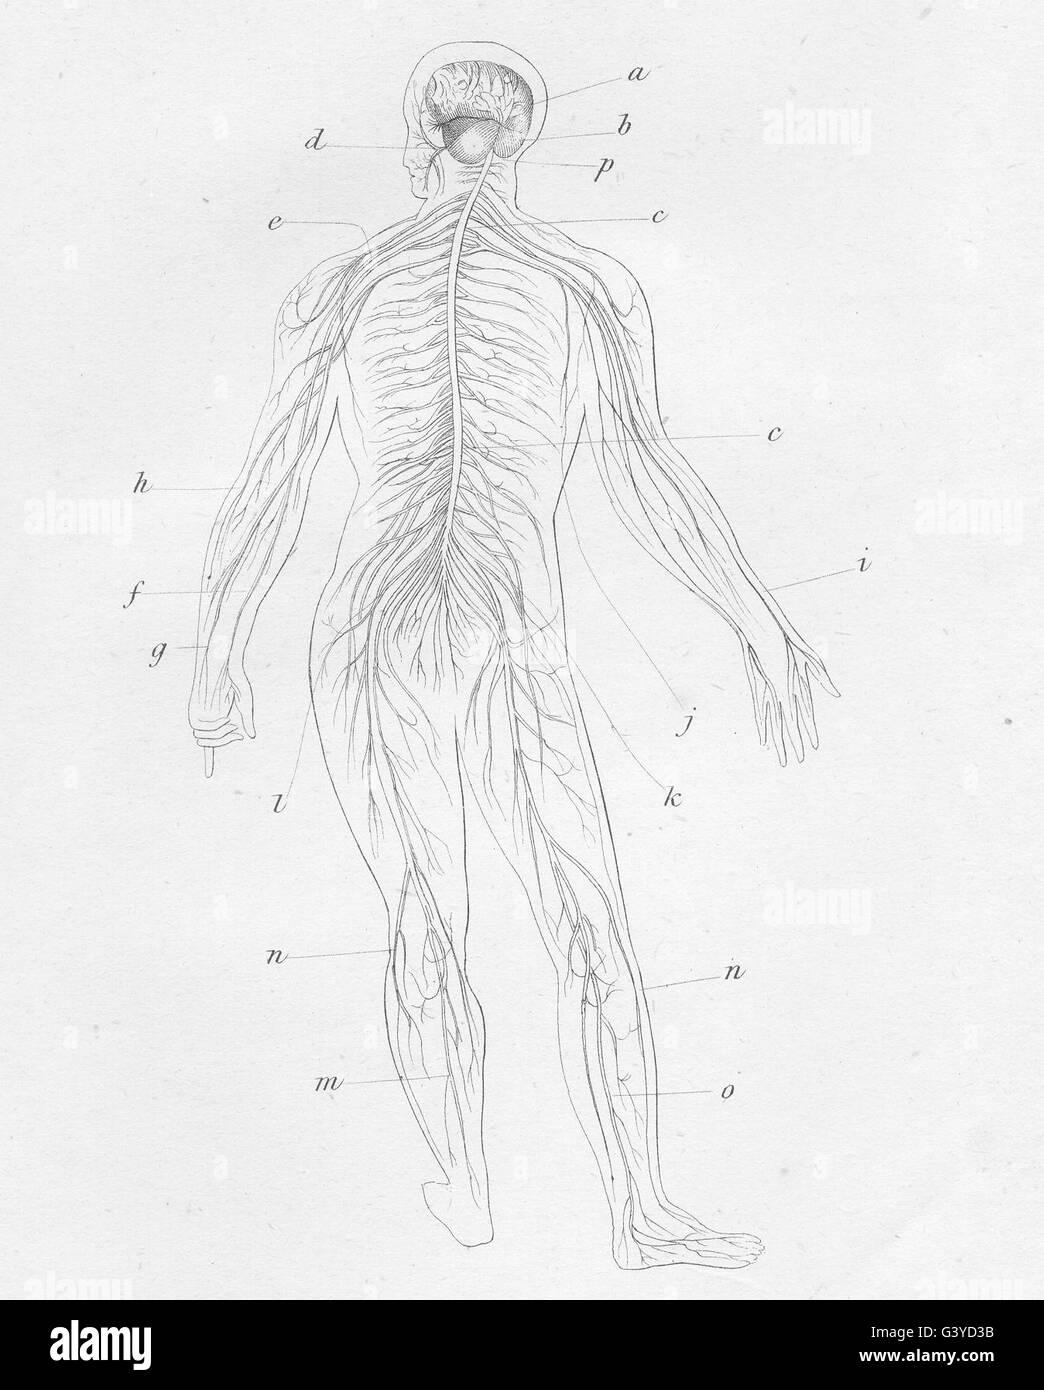 Anatomie: Nervensystem des Menschen, antike print 1800 Stockfoto ...